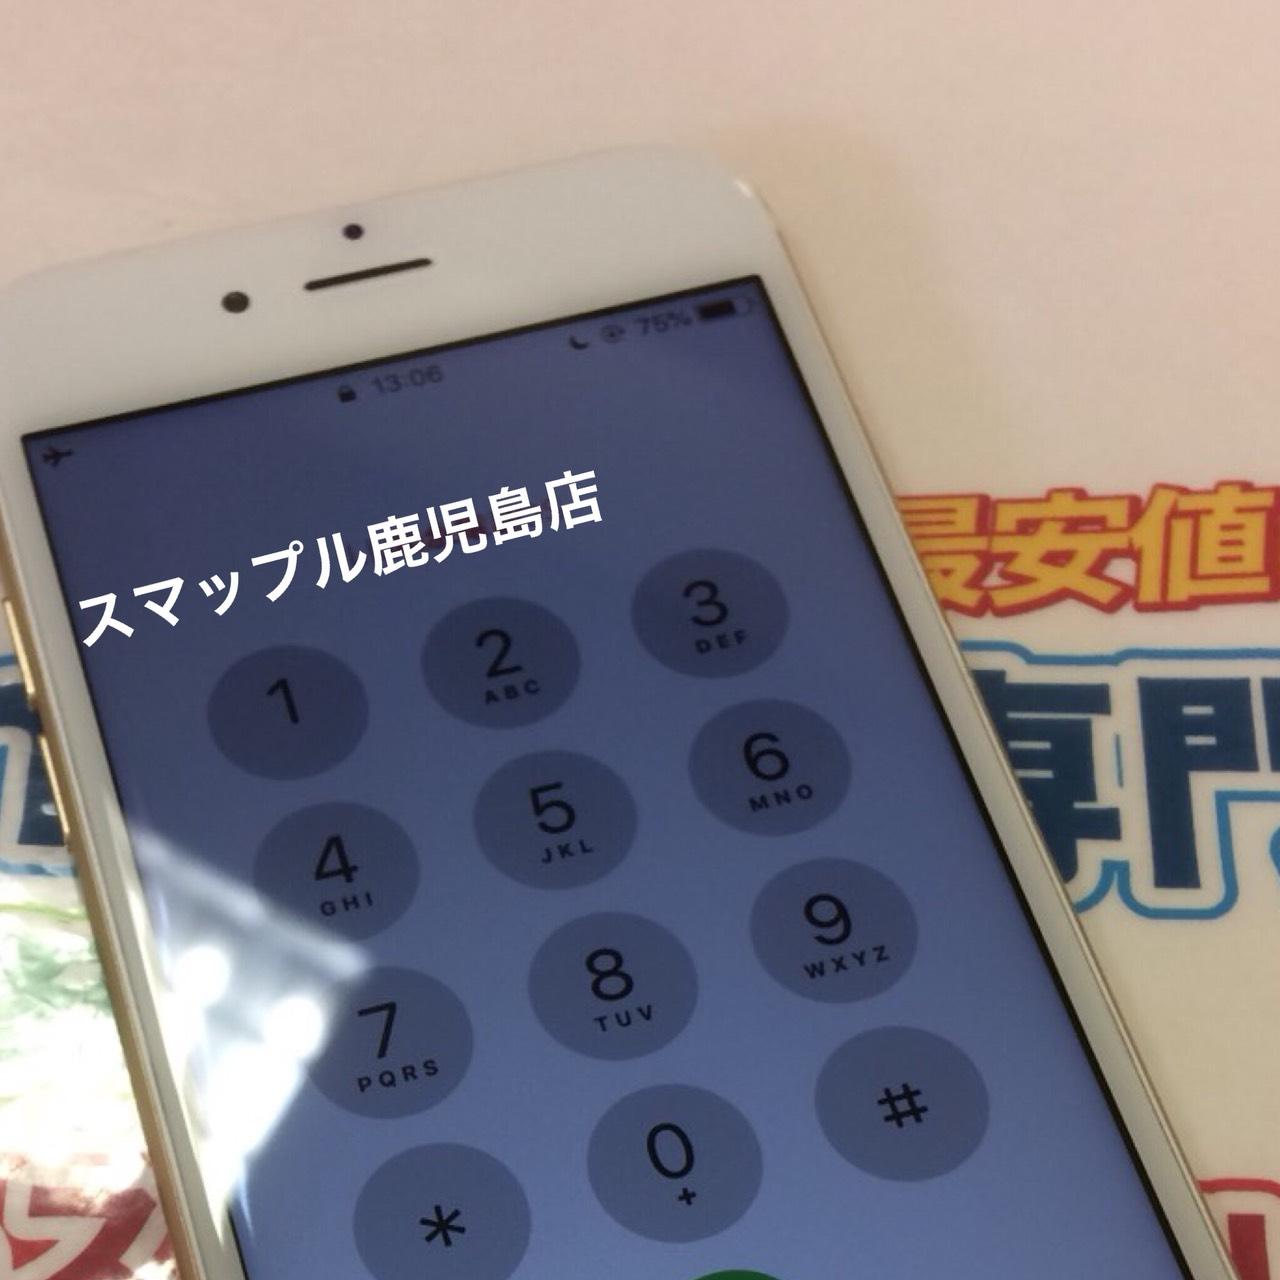 綺麗なiPhoneの写真